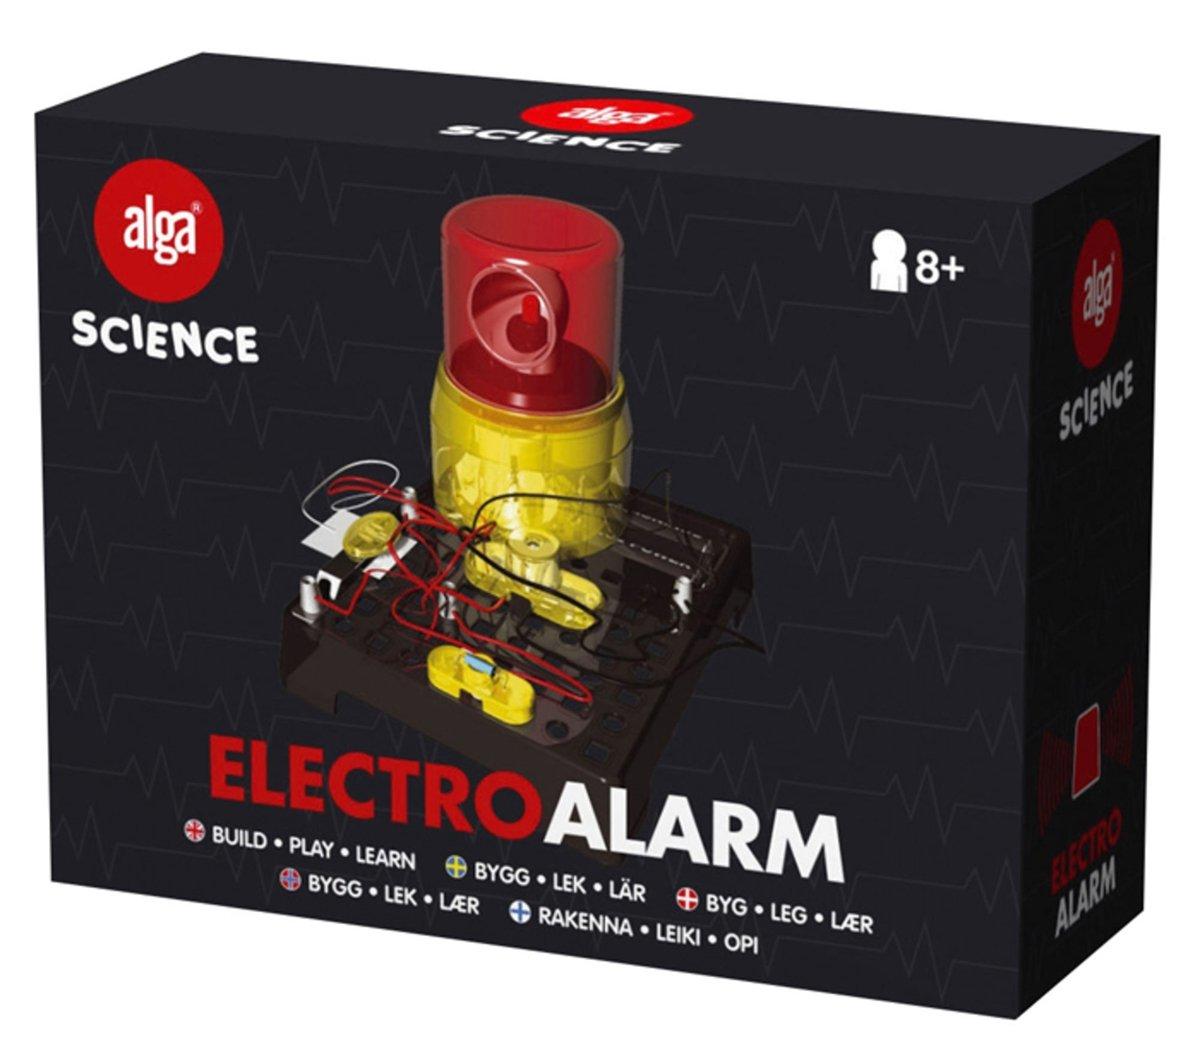 Electro_Alarm_Alga_Science